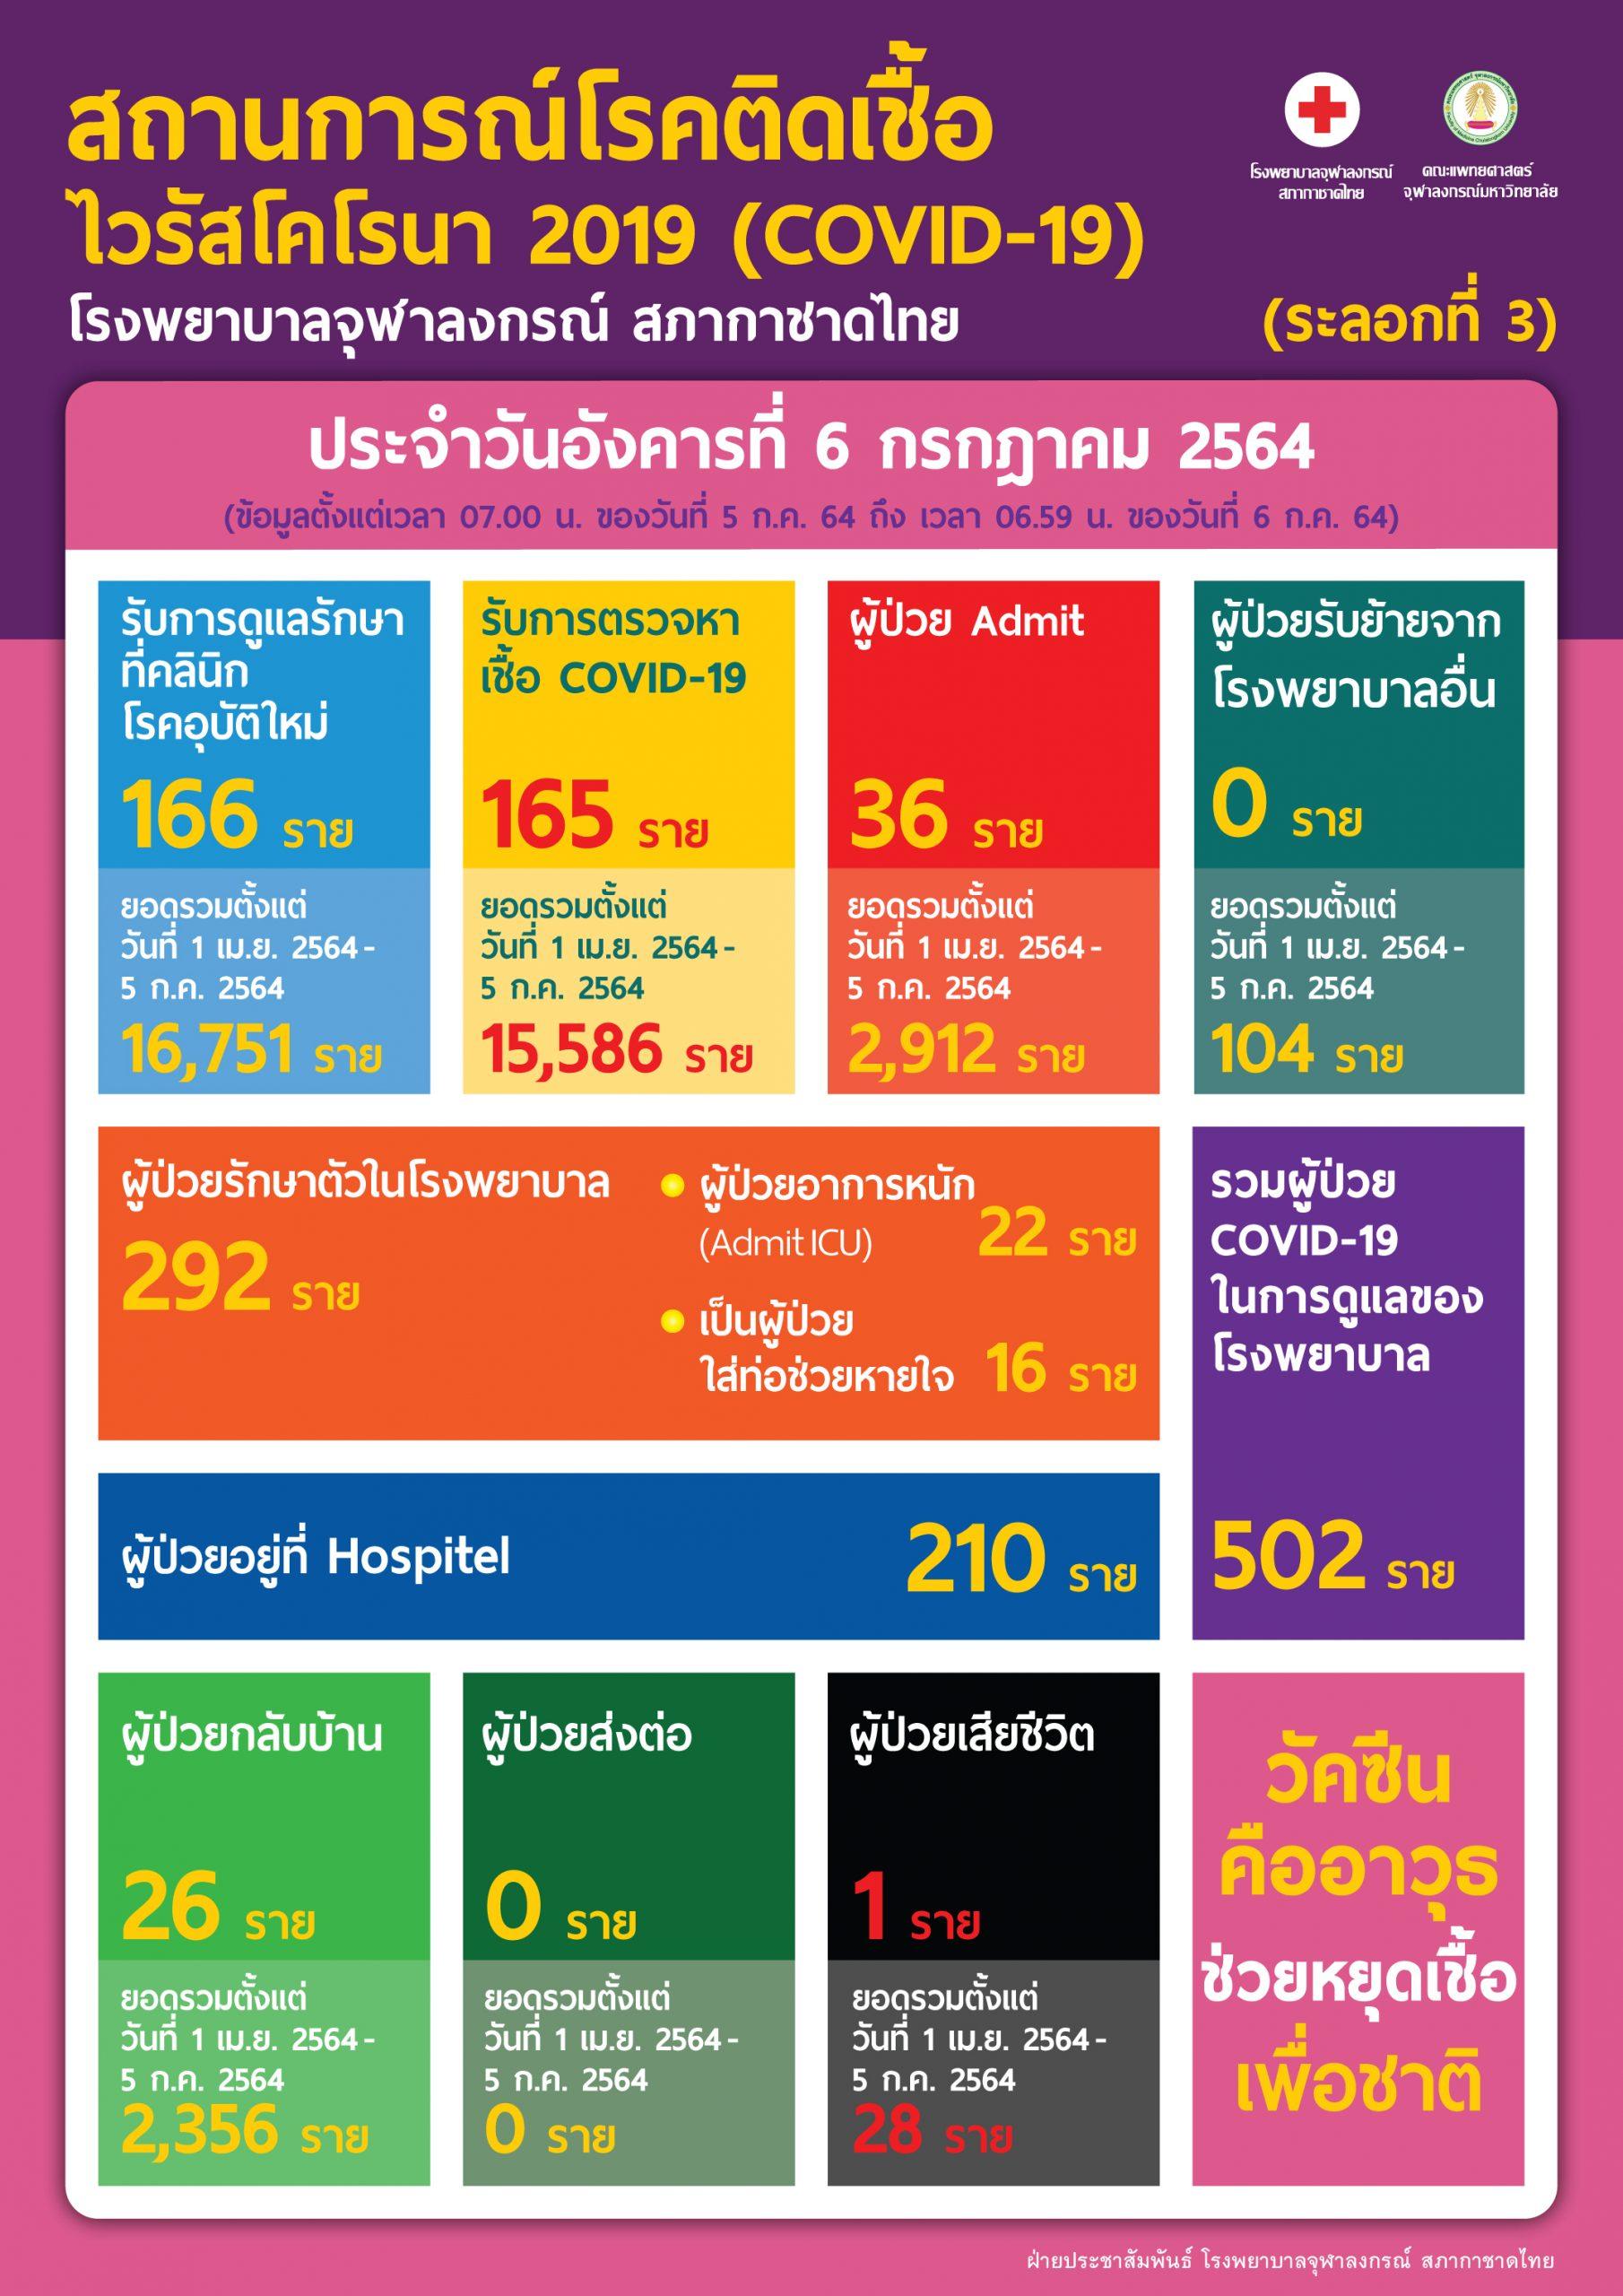 สถานการณ์โรคติดเชื้อไวรัสโคโรนา 2019 (COVID-19)(ระลอกที่ 3) โรงพยาบาลจุฬาลงกรณ์ สภากาชาดไทย ประจำวันอังคารที่ 6 กรกฎาคม 2564